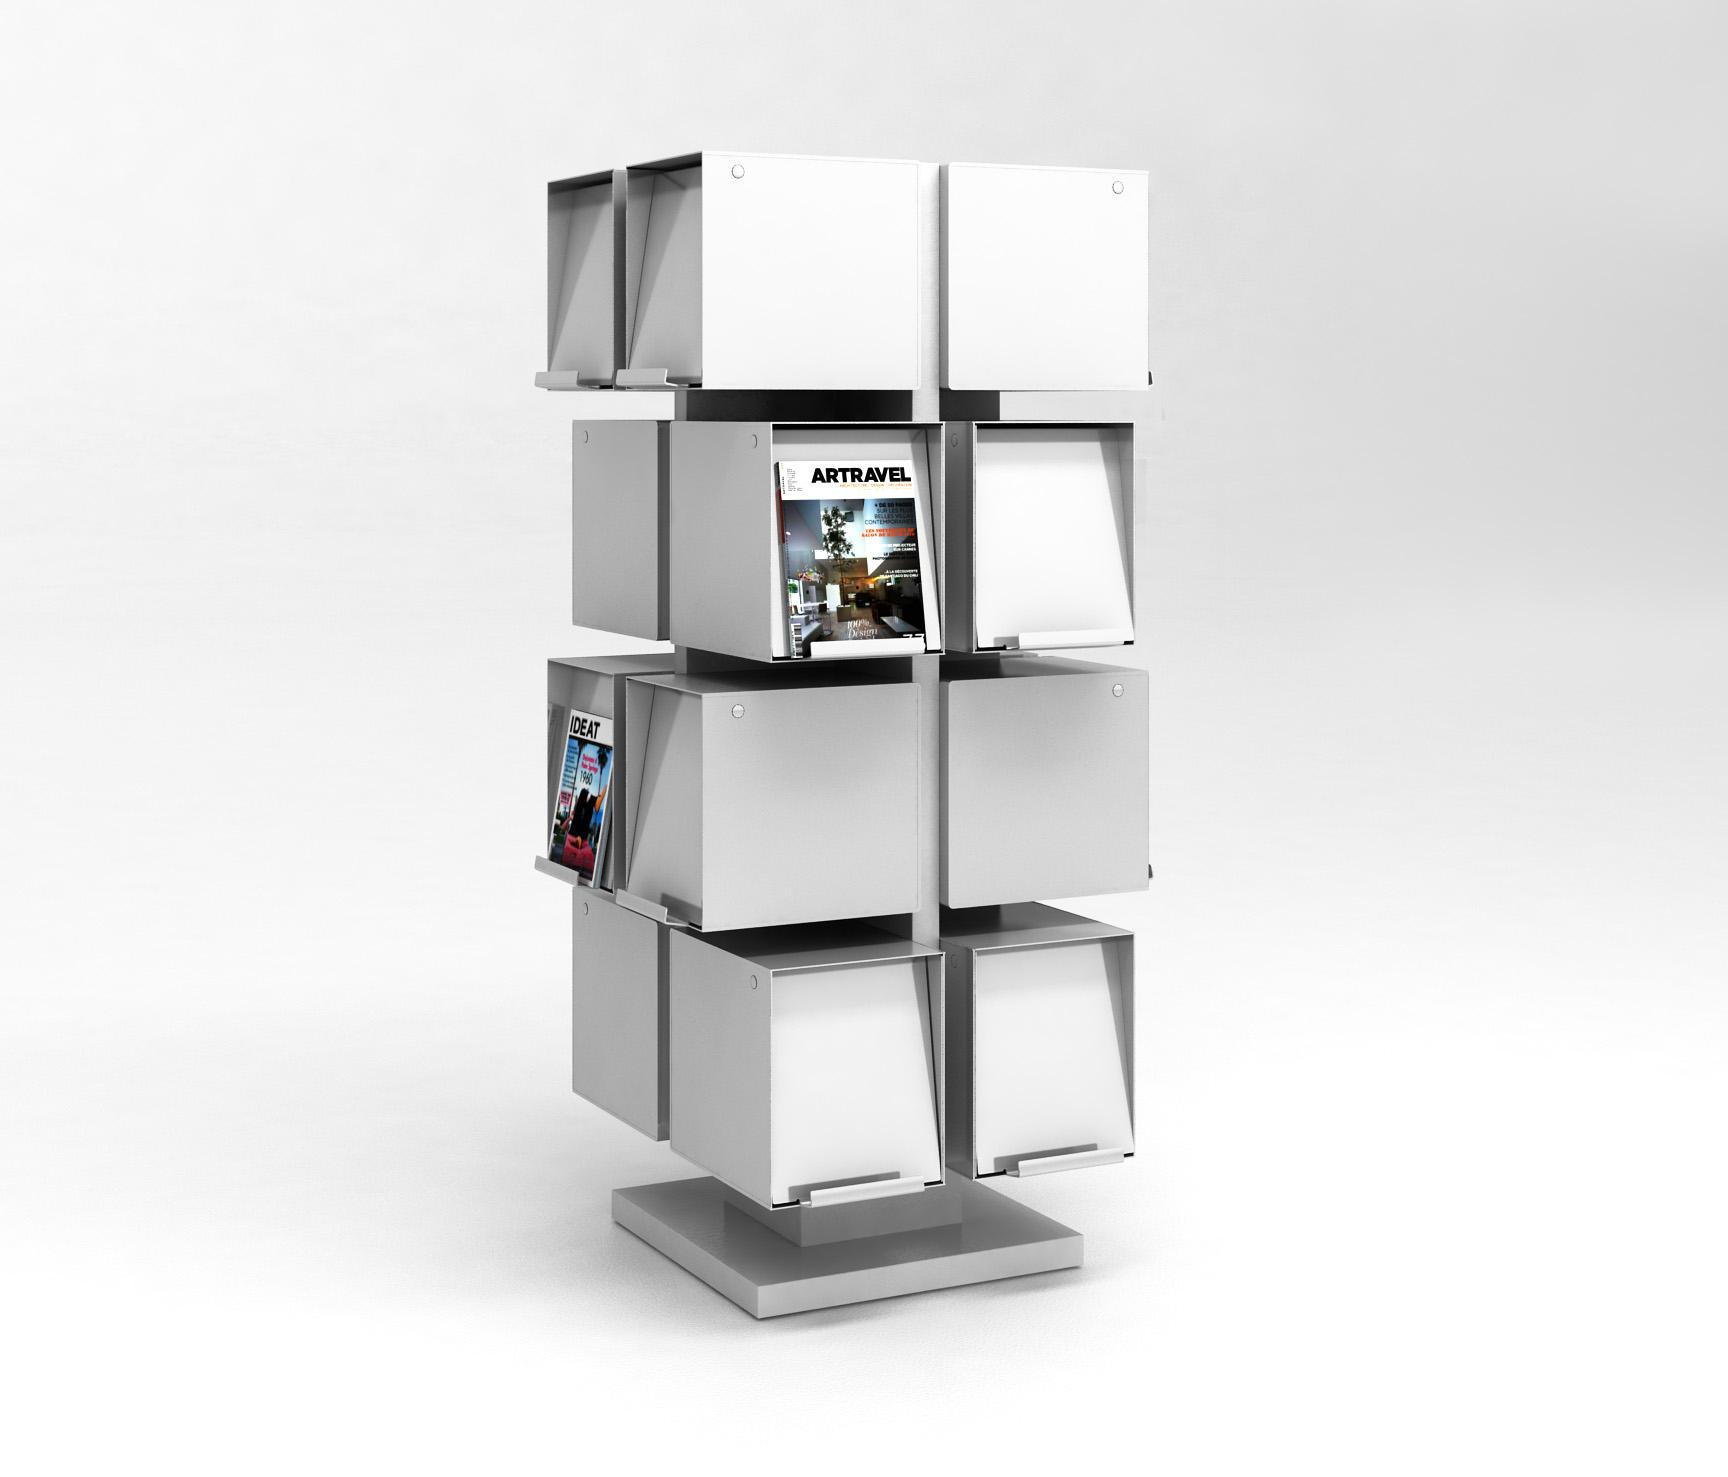 robot 1er zeitschriftenst nder halter von idm coupechoux architonic. Black Bedroom Furniture Sets. Home Design Ideas